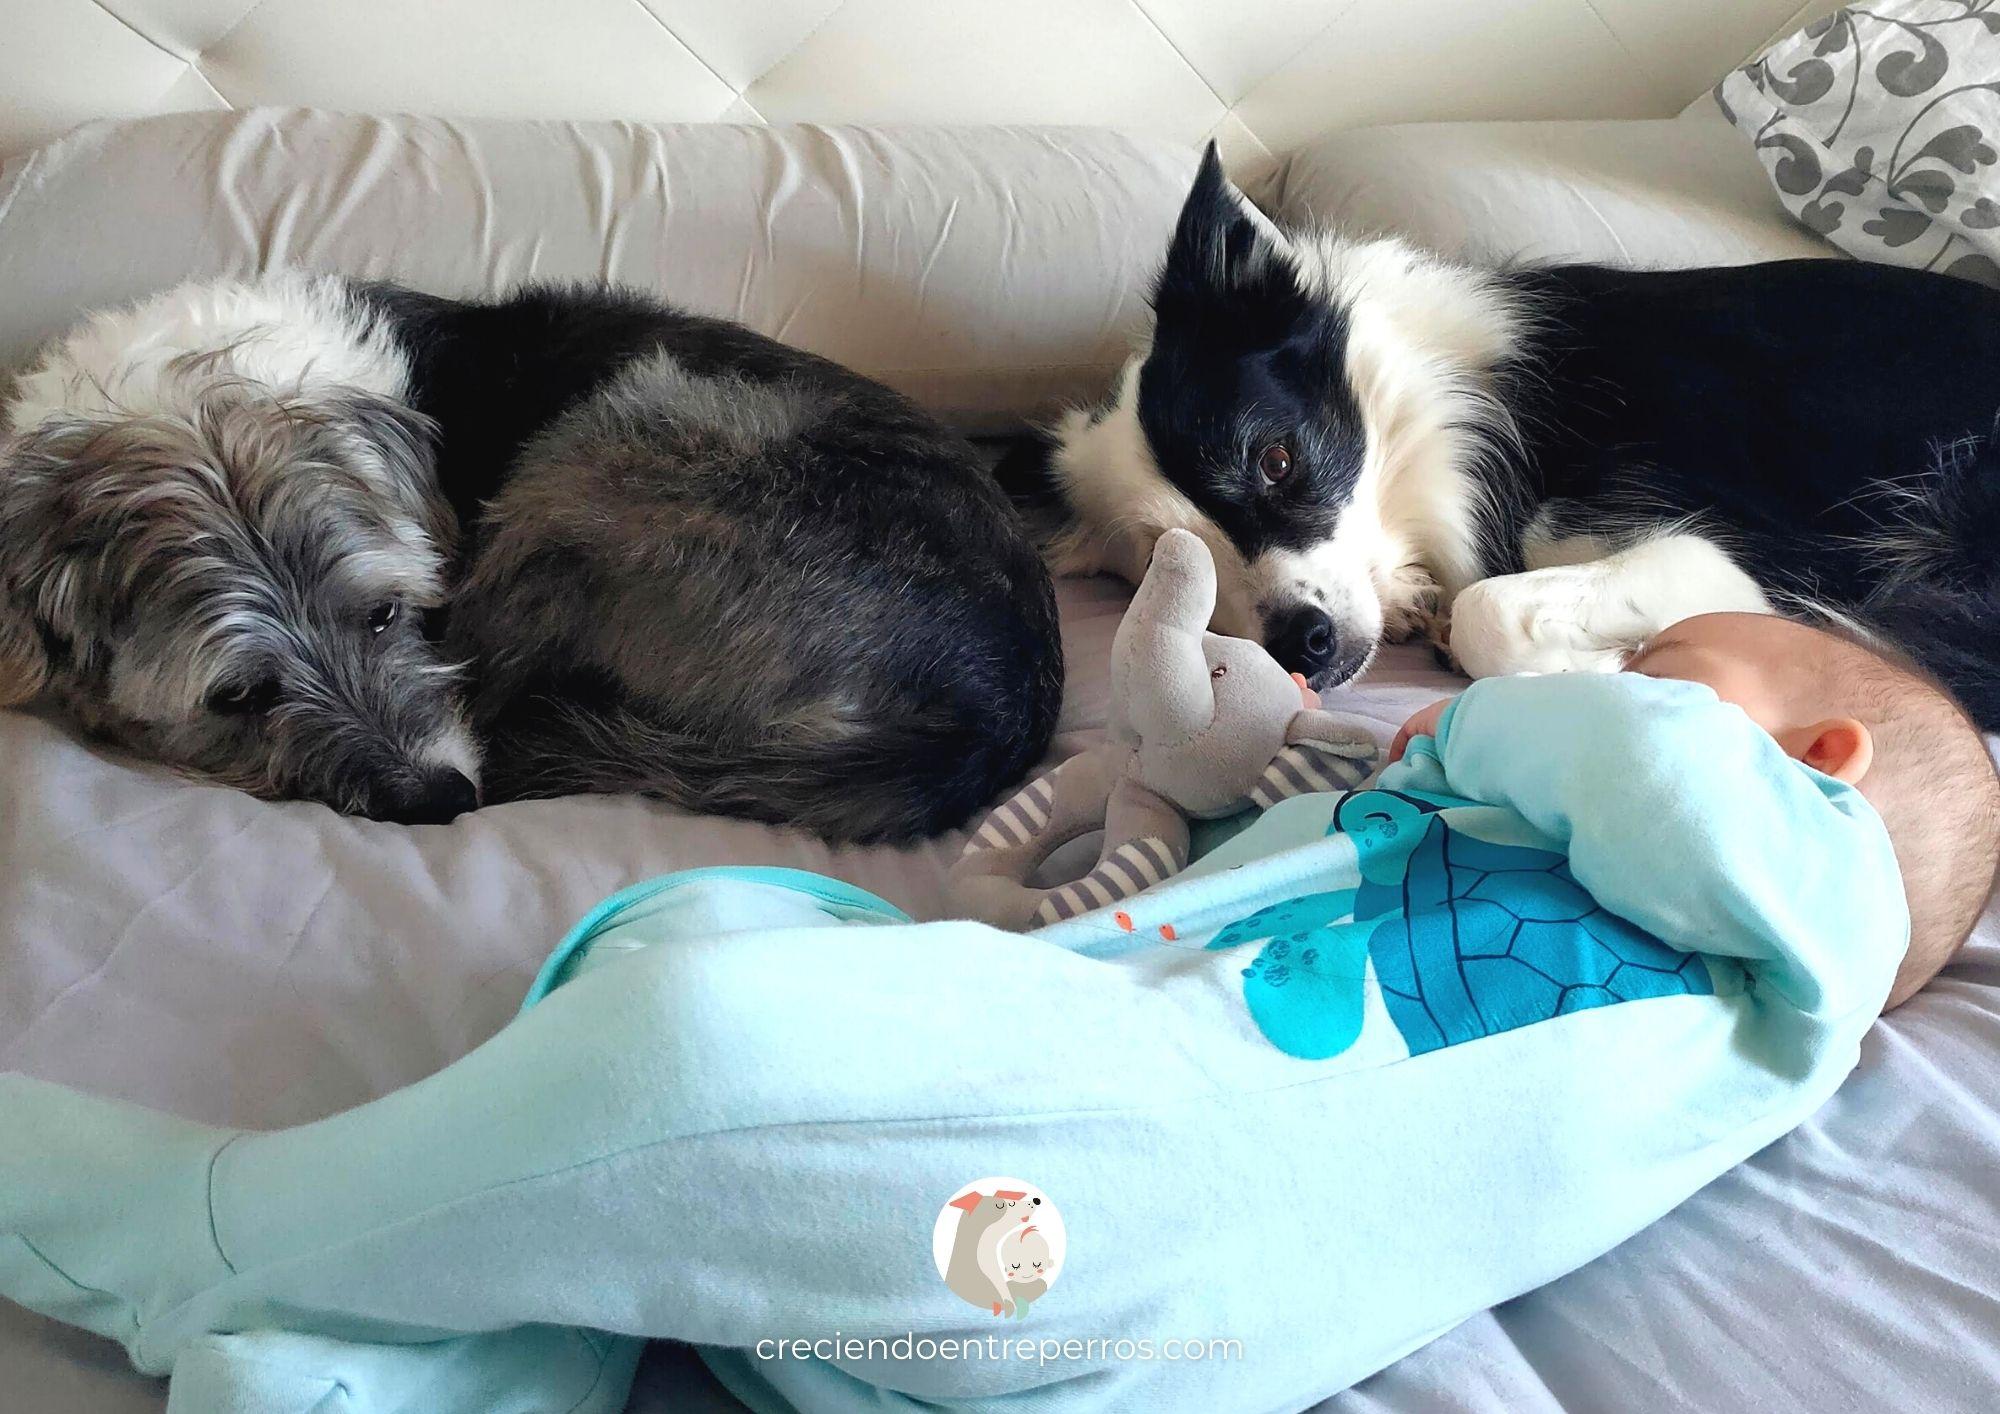 perro y bebé durmen juntos misma cama colecho crianza multiespecie creciendo entre perros